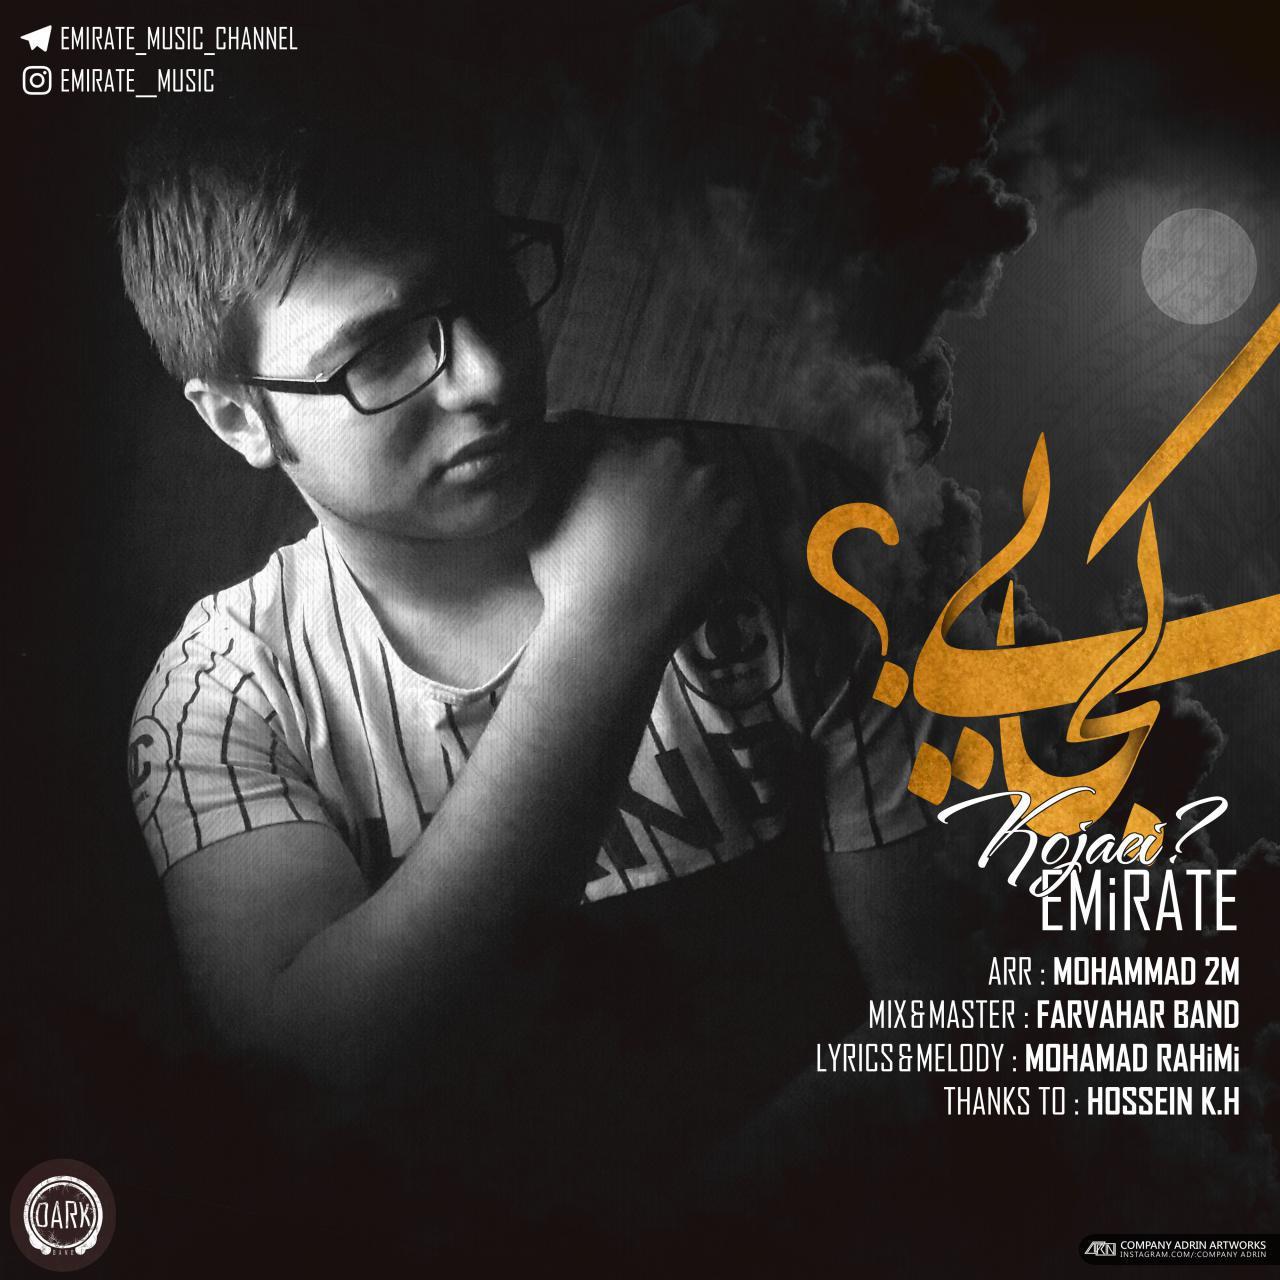 نامبر وان موزیک | دانلود آهنگ جدید Emirate-Kojaei